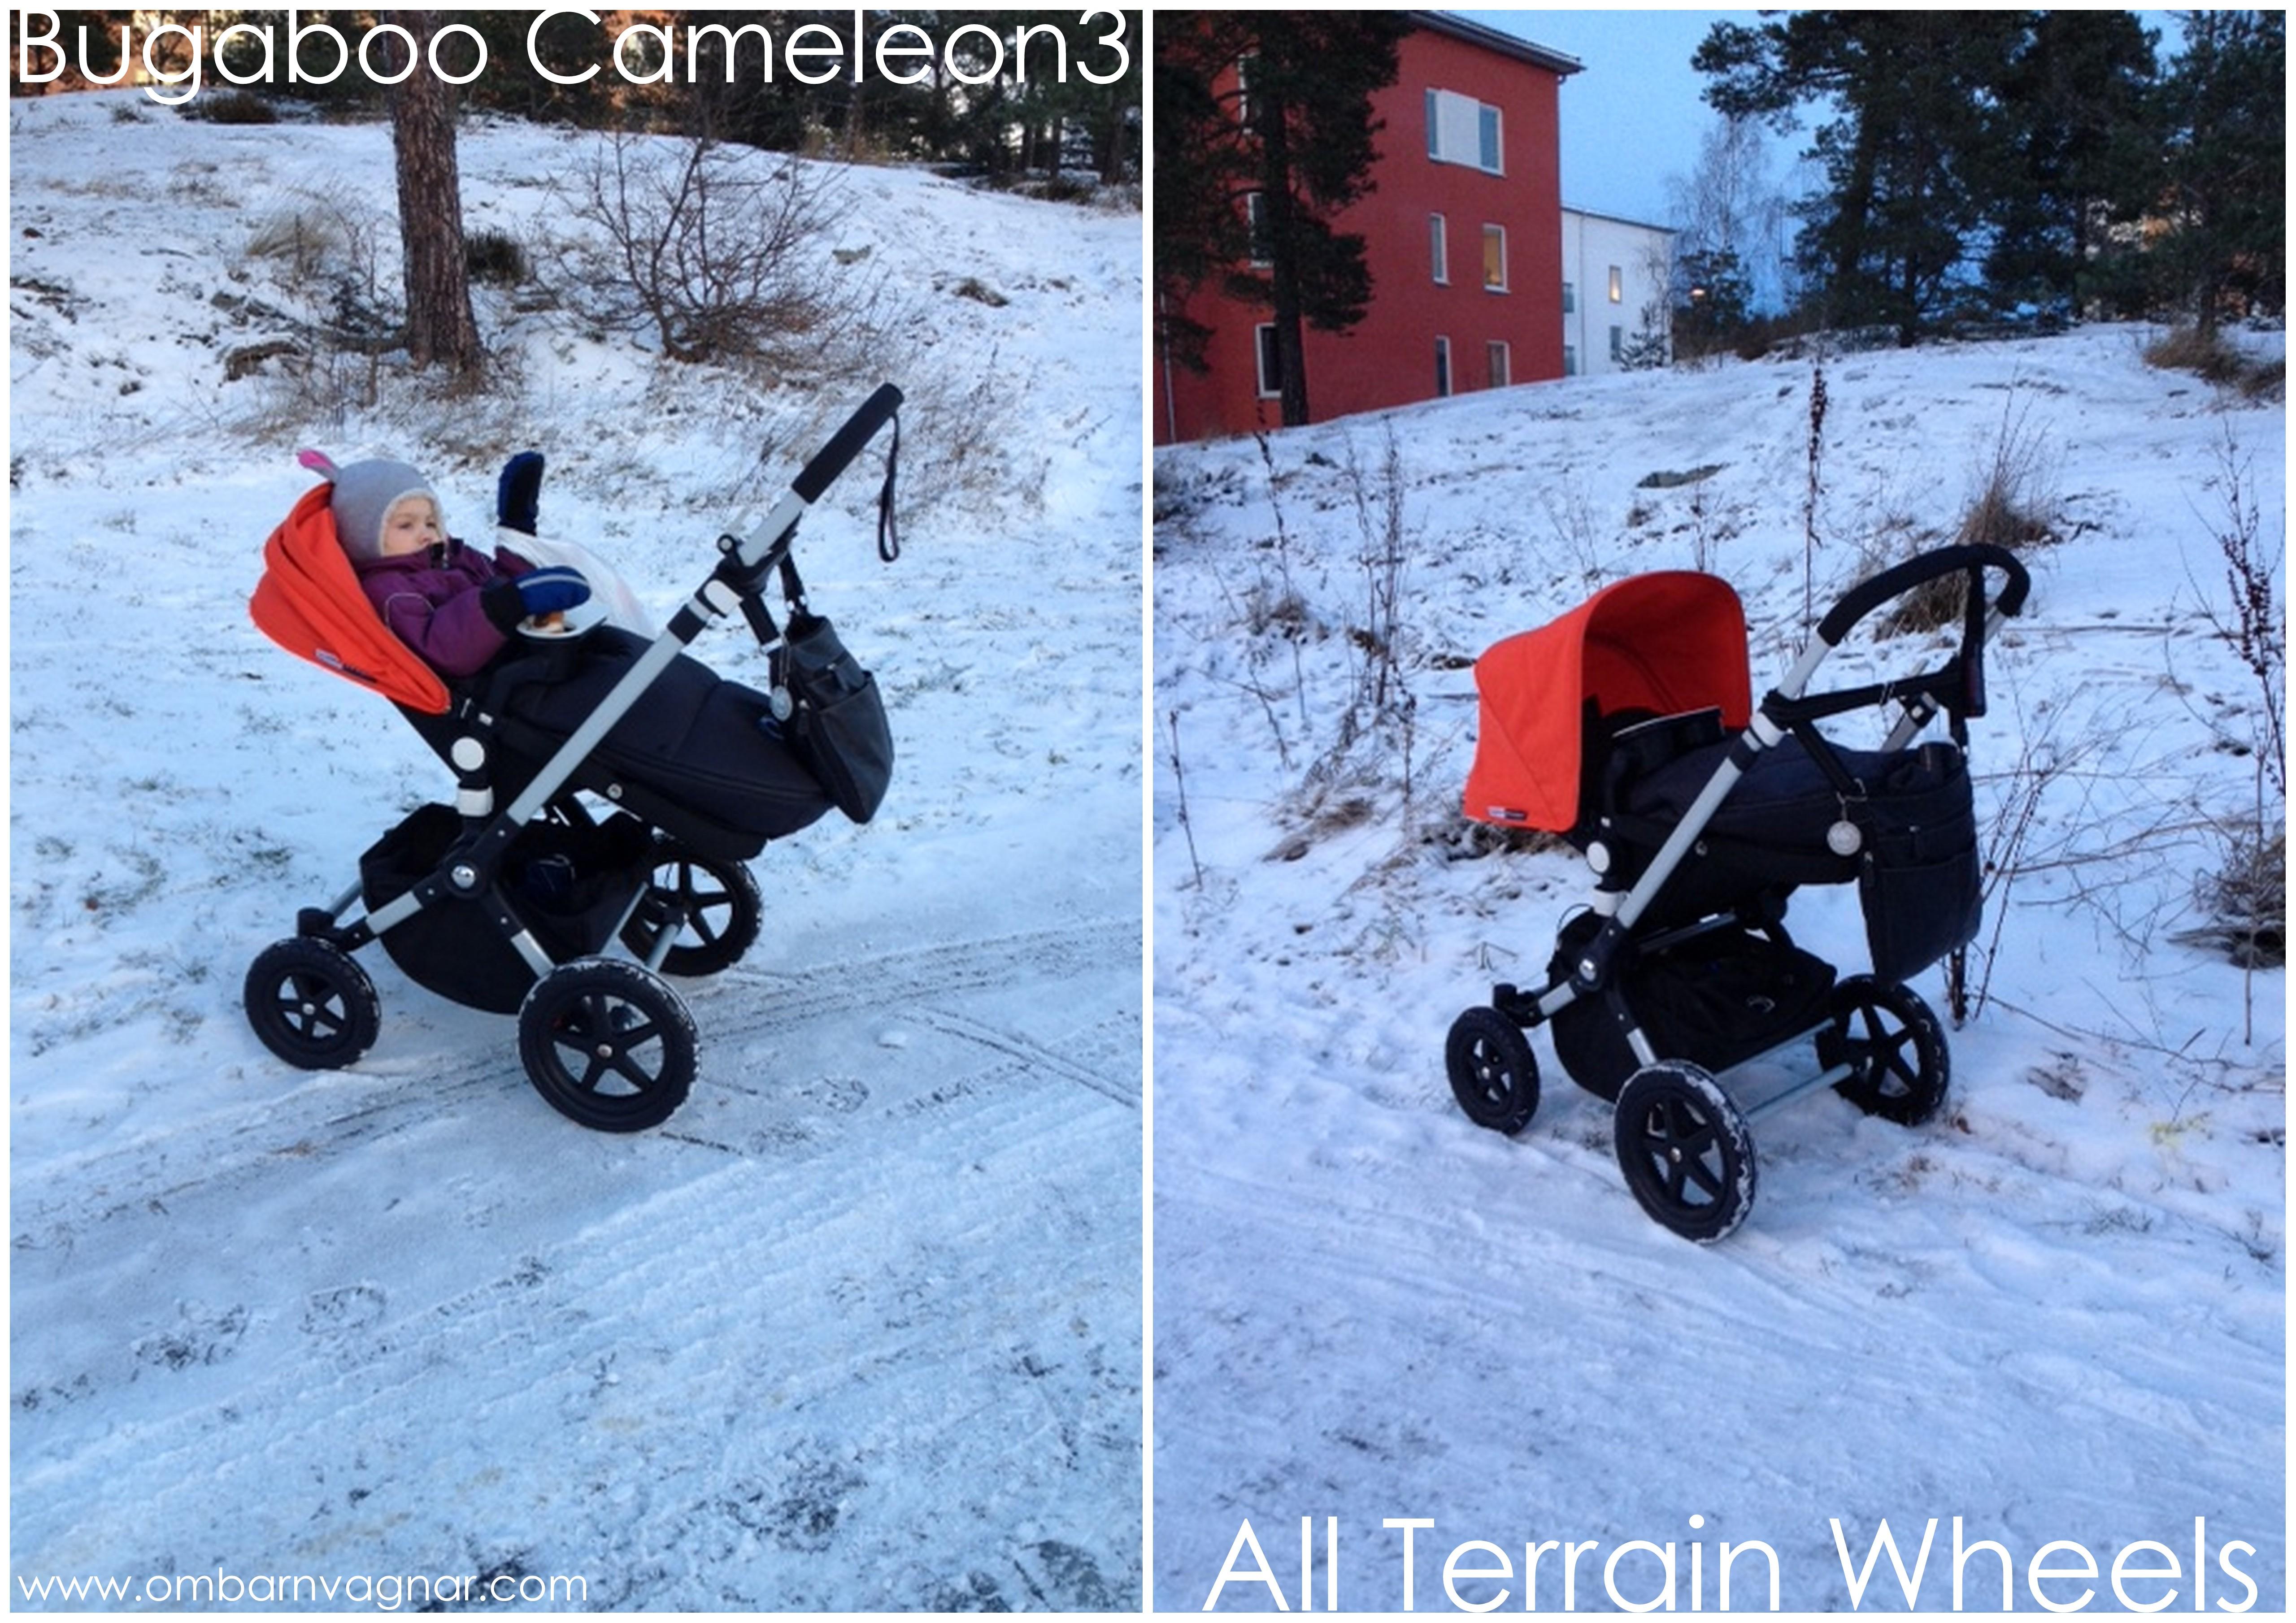 Bugaboo Cameleon3 med terränghjul vinterhjul